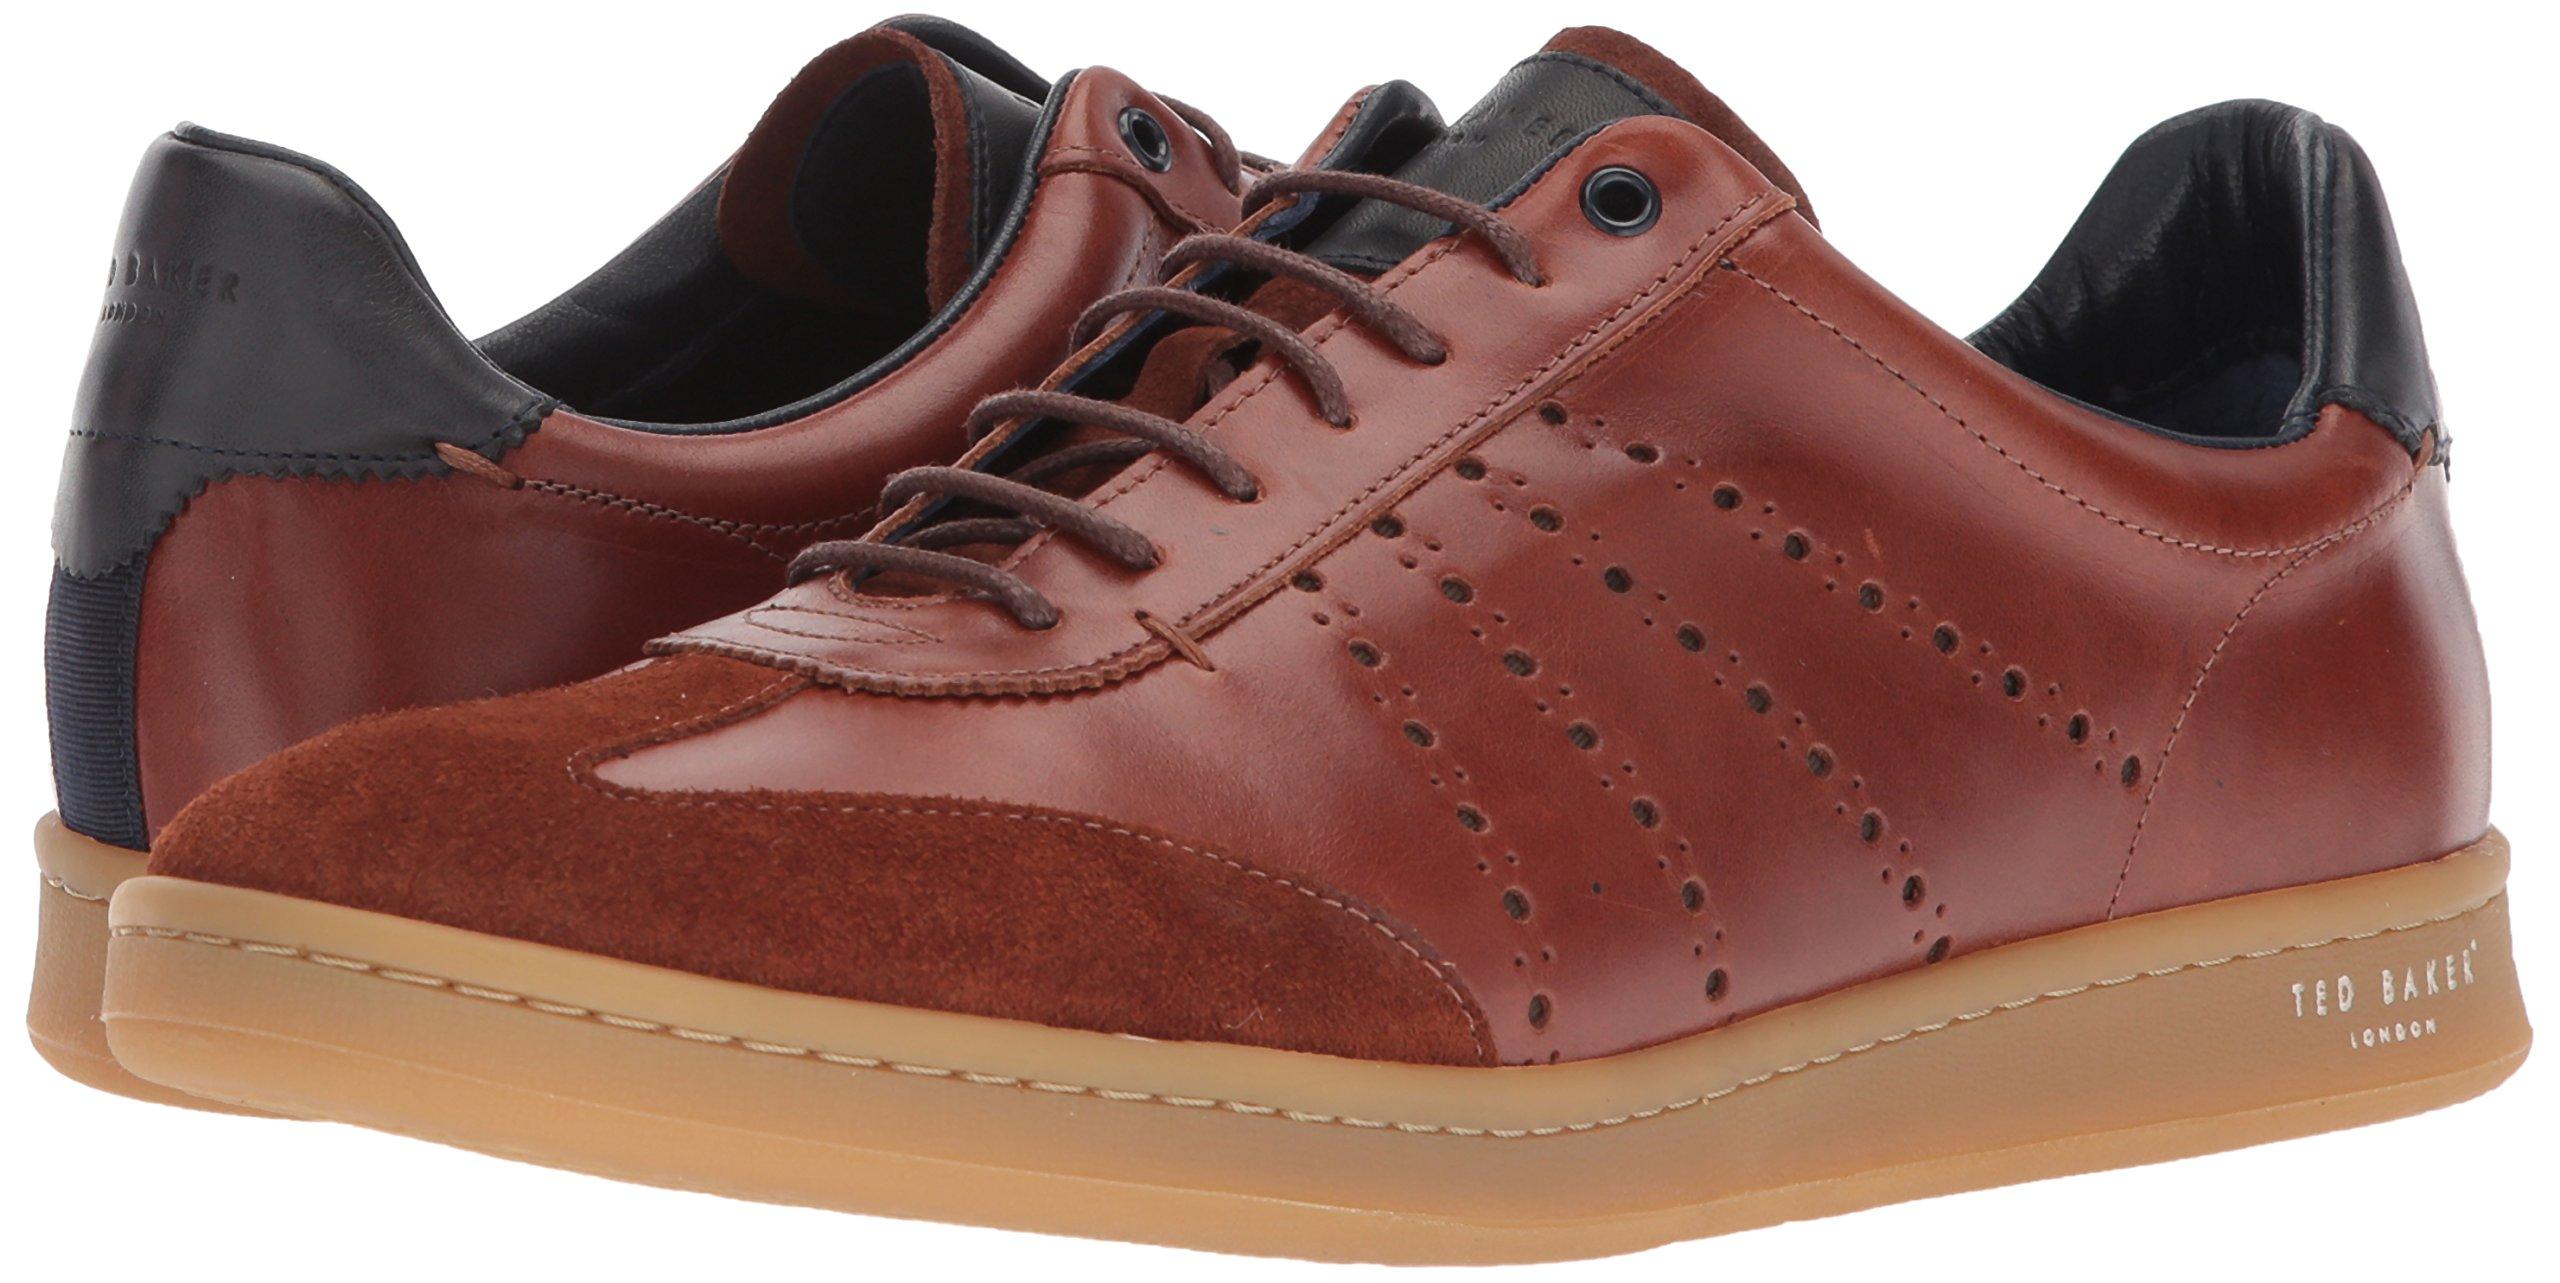 Ted Baker Men's Orlee Sneaker- Buy